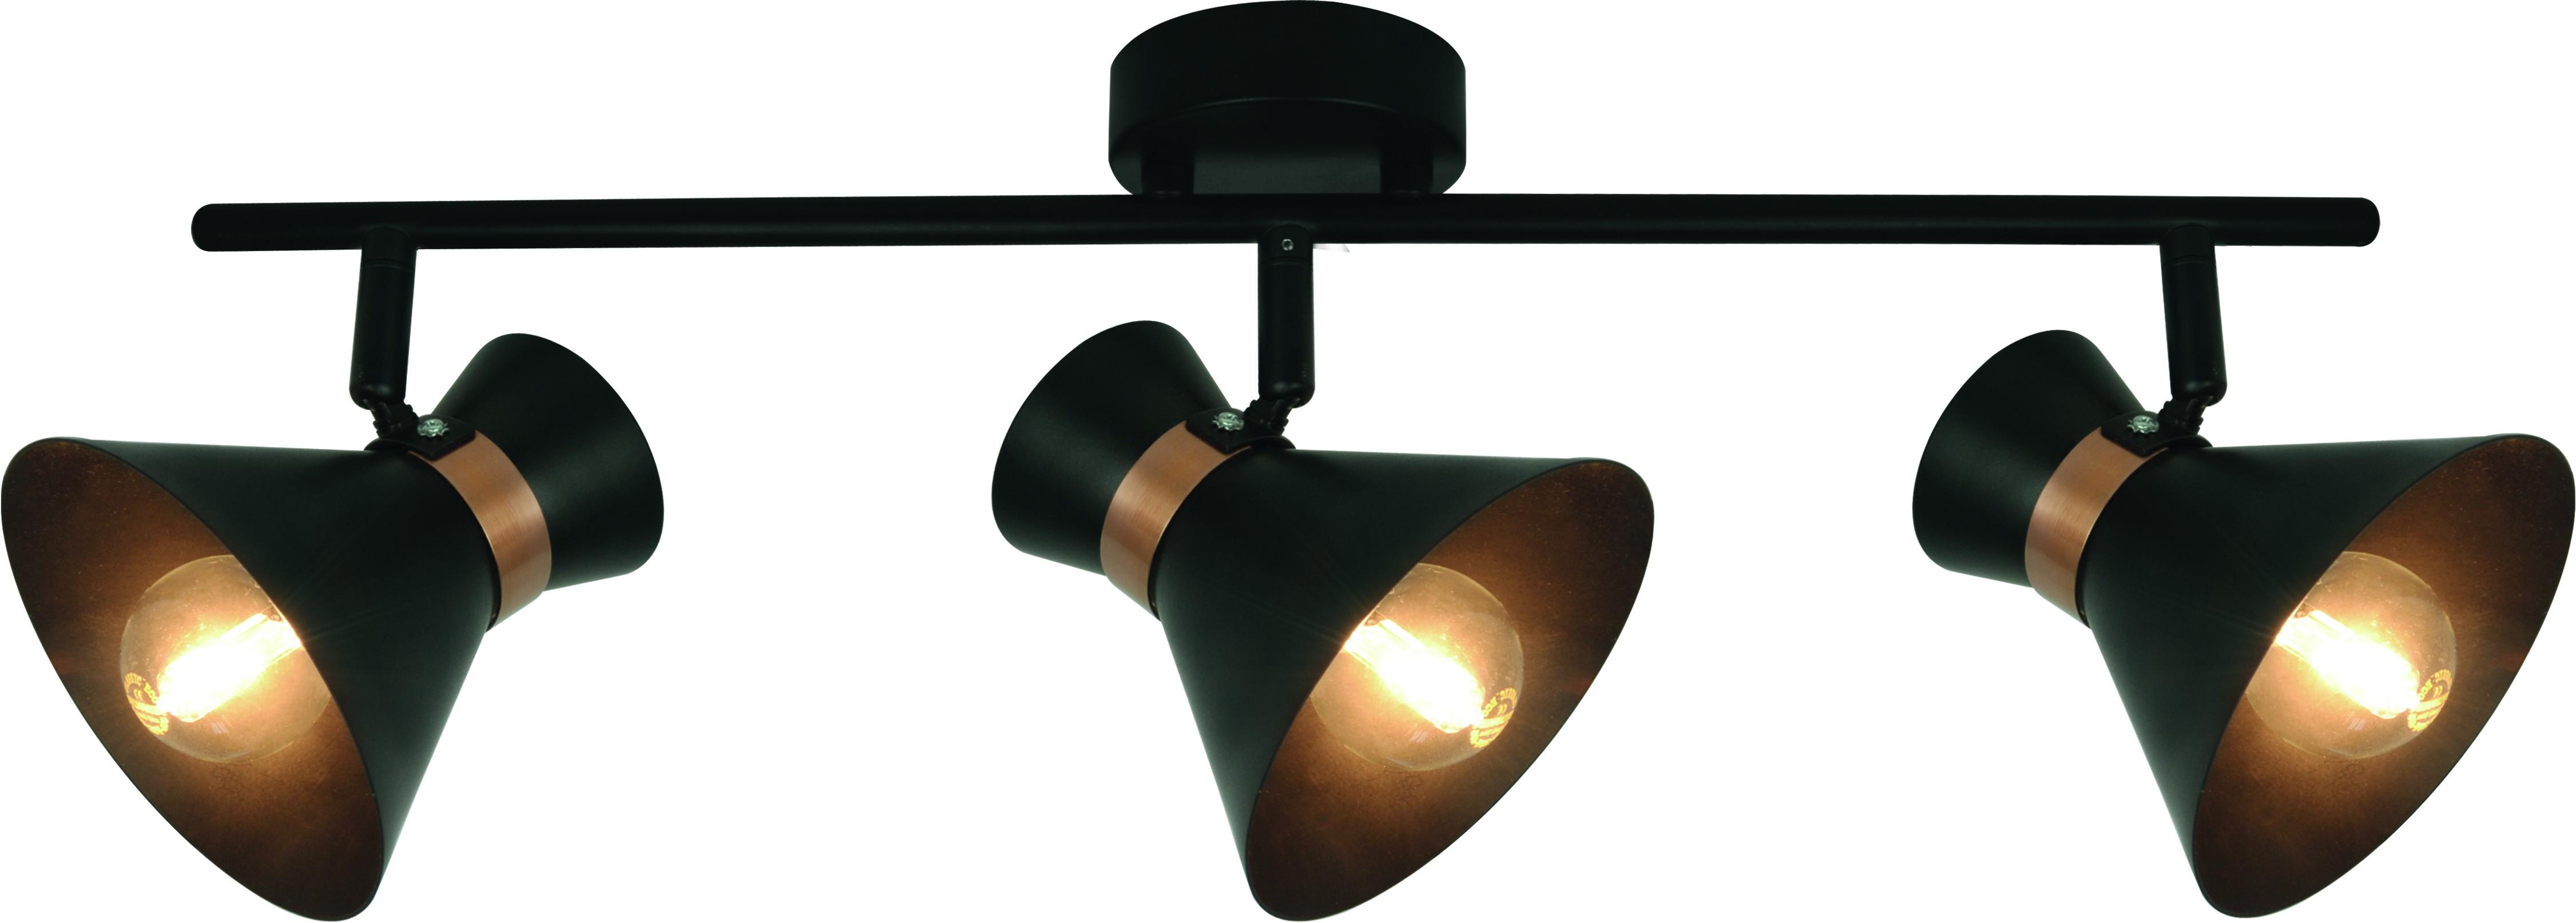 Купить Спот Arte lamp A1406pl-3bk